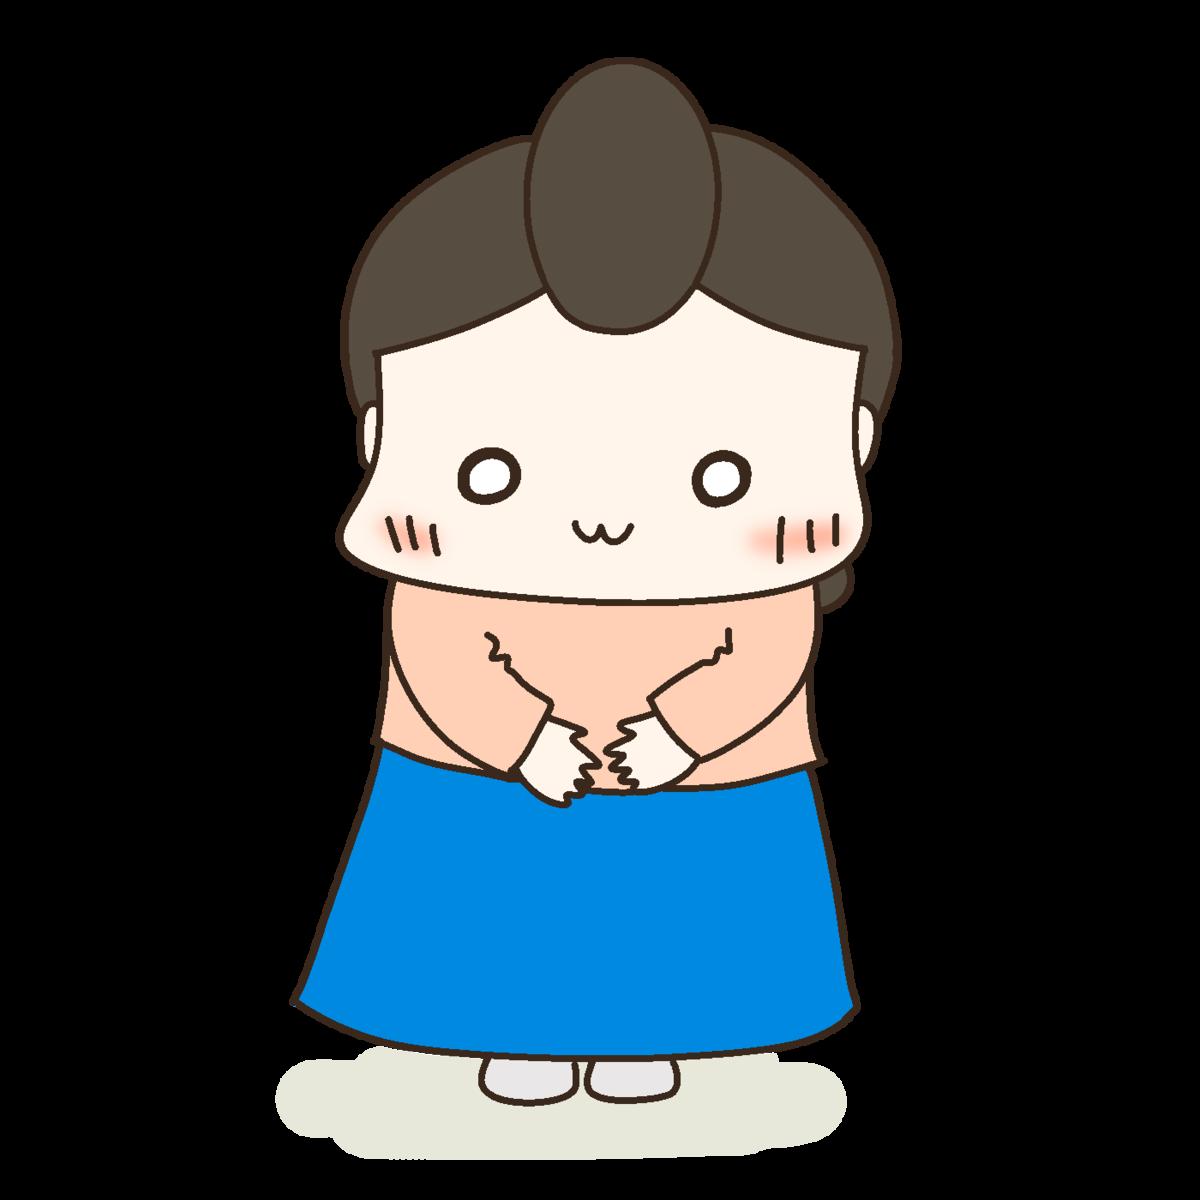 f:id:shima-mikan:20210302122845p:plain